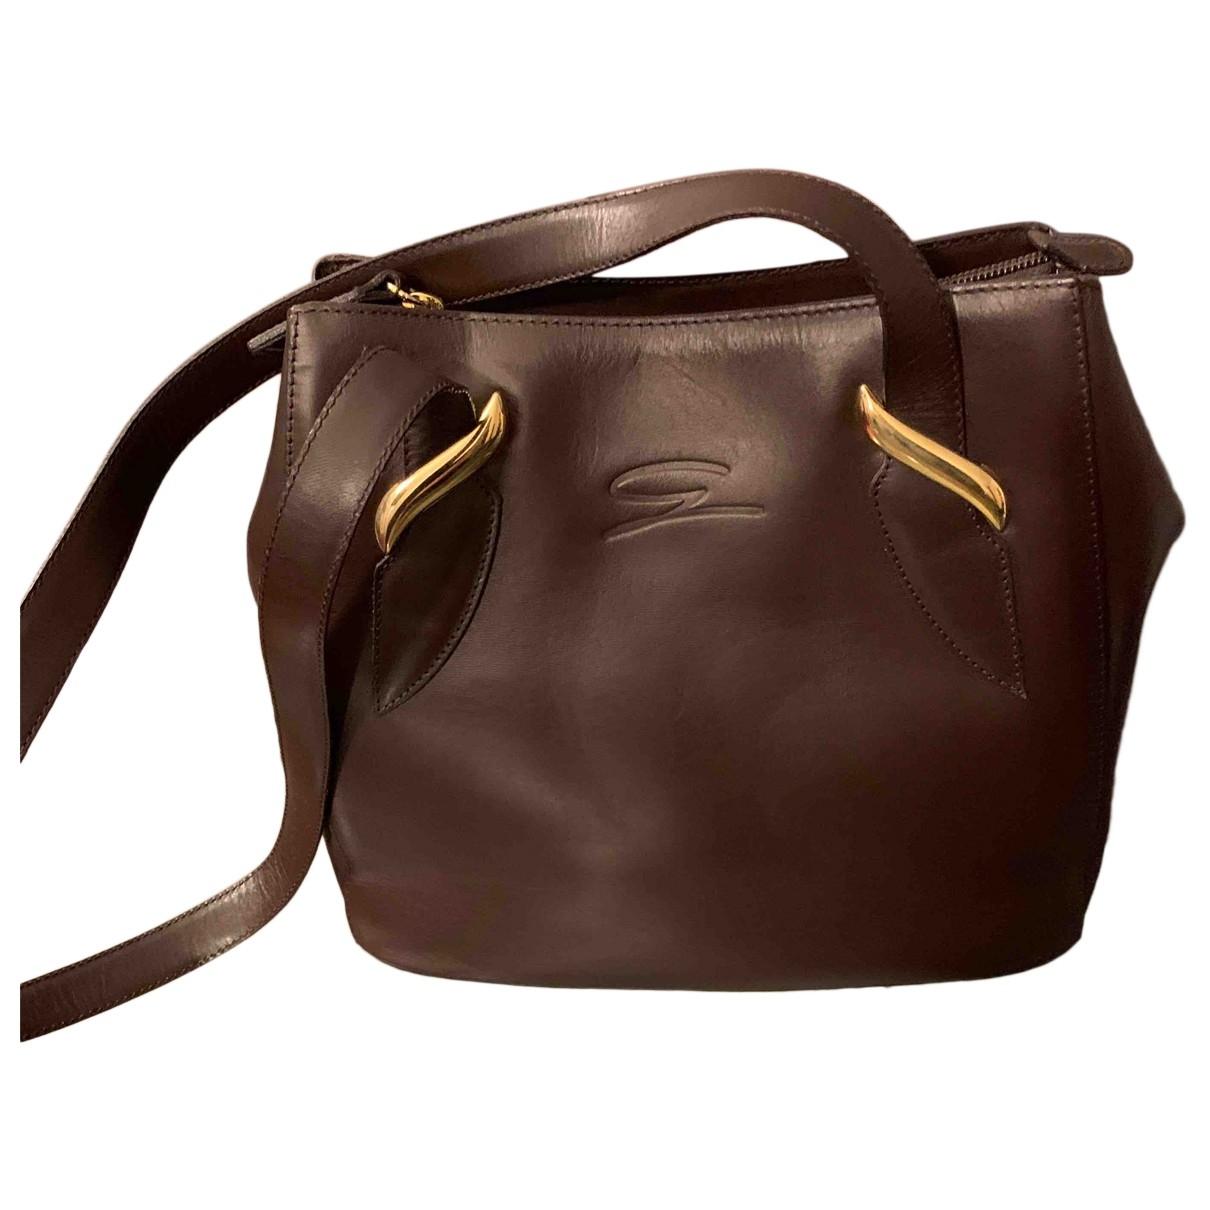 Genny \N Handtasche in  Braun Leder